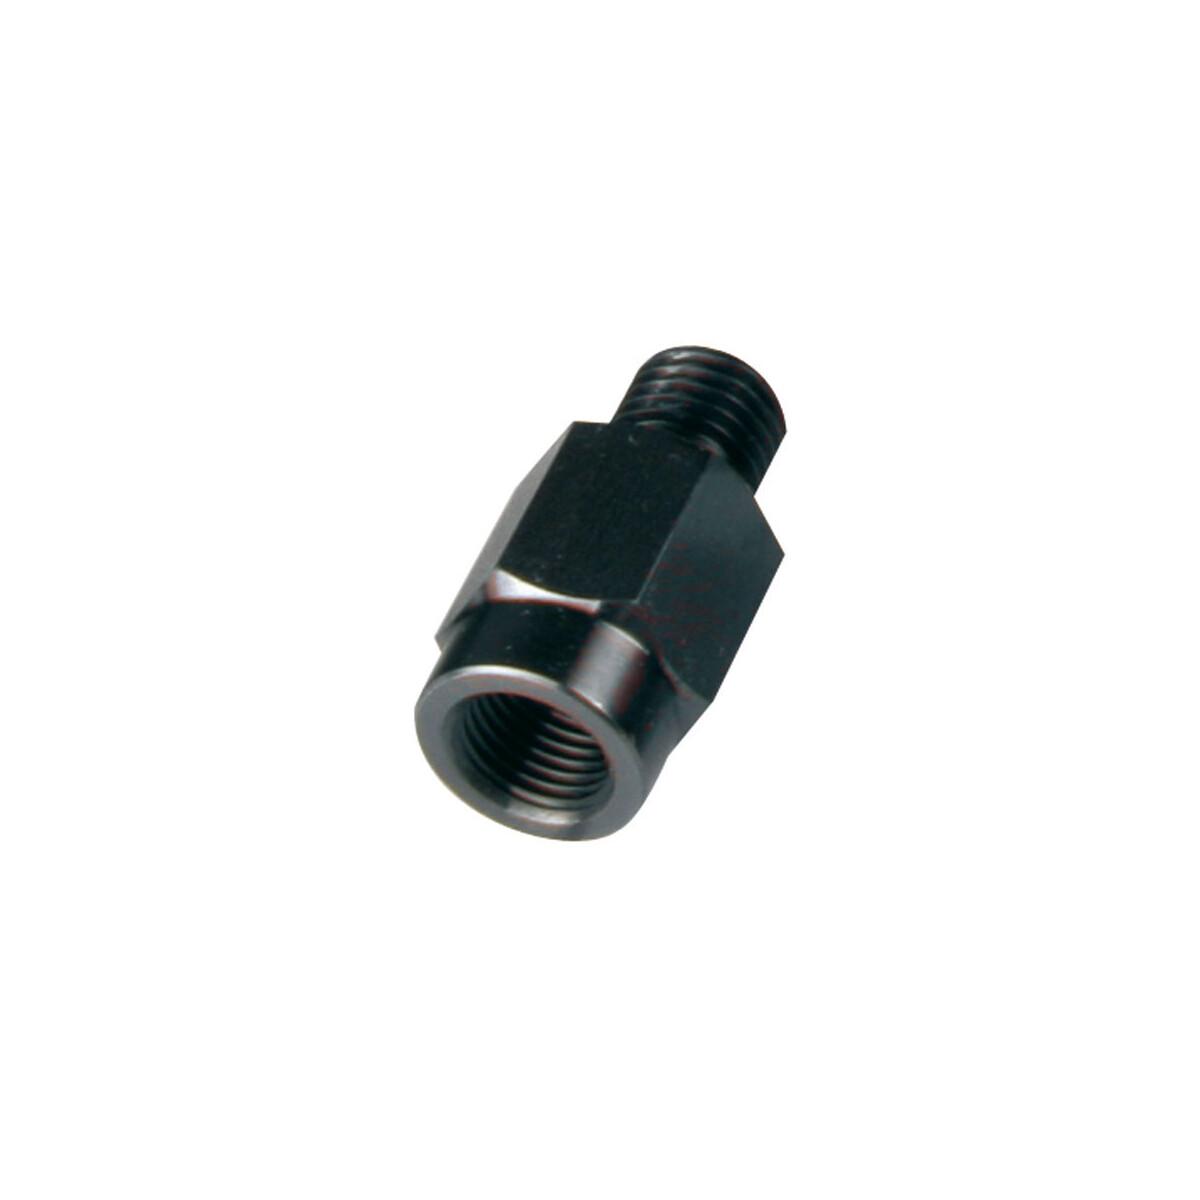 Adapter 6-Kant auf M16 Zapfen Dosensenker Aufnahme Bohrkronen Adapter